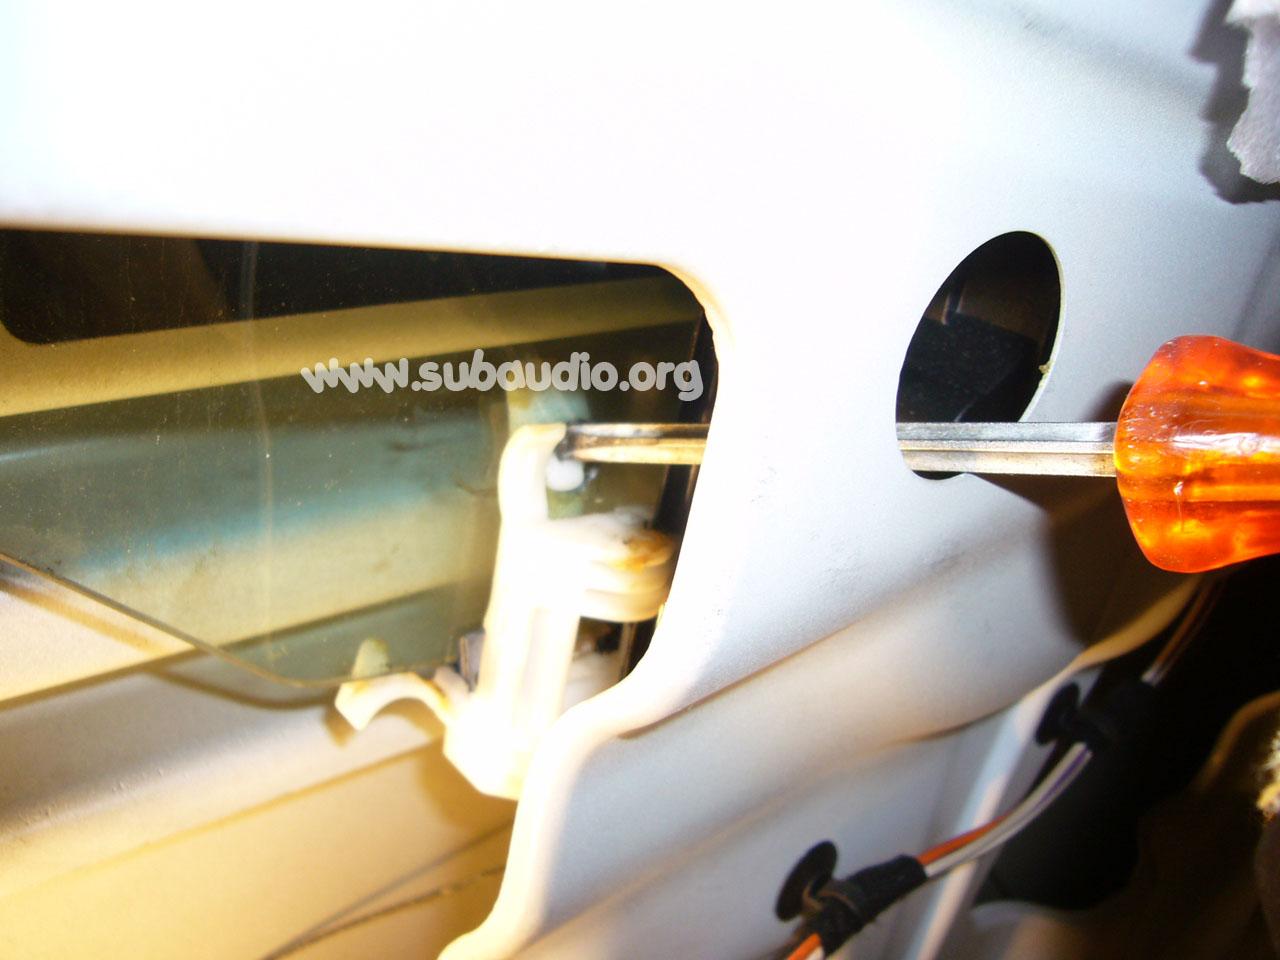 2* Clip de Reparation Leve Vitre Pour Fiat 500 Avant Droit ET Avant Gauche